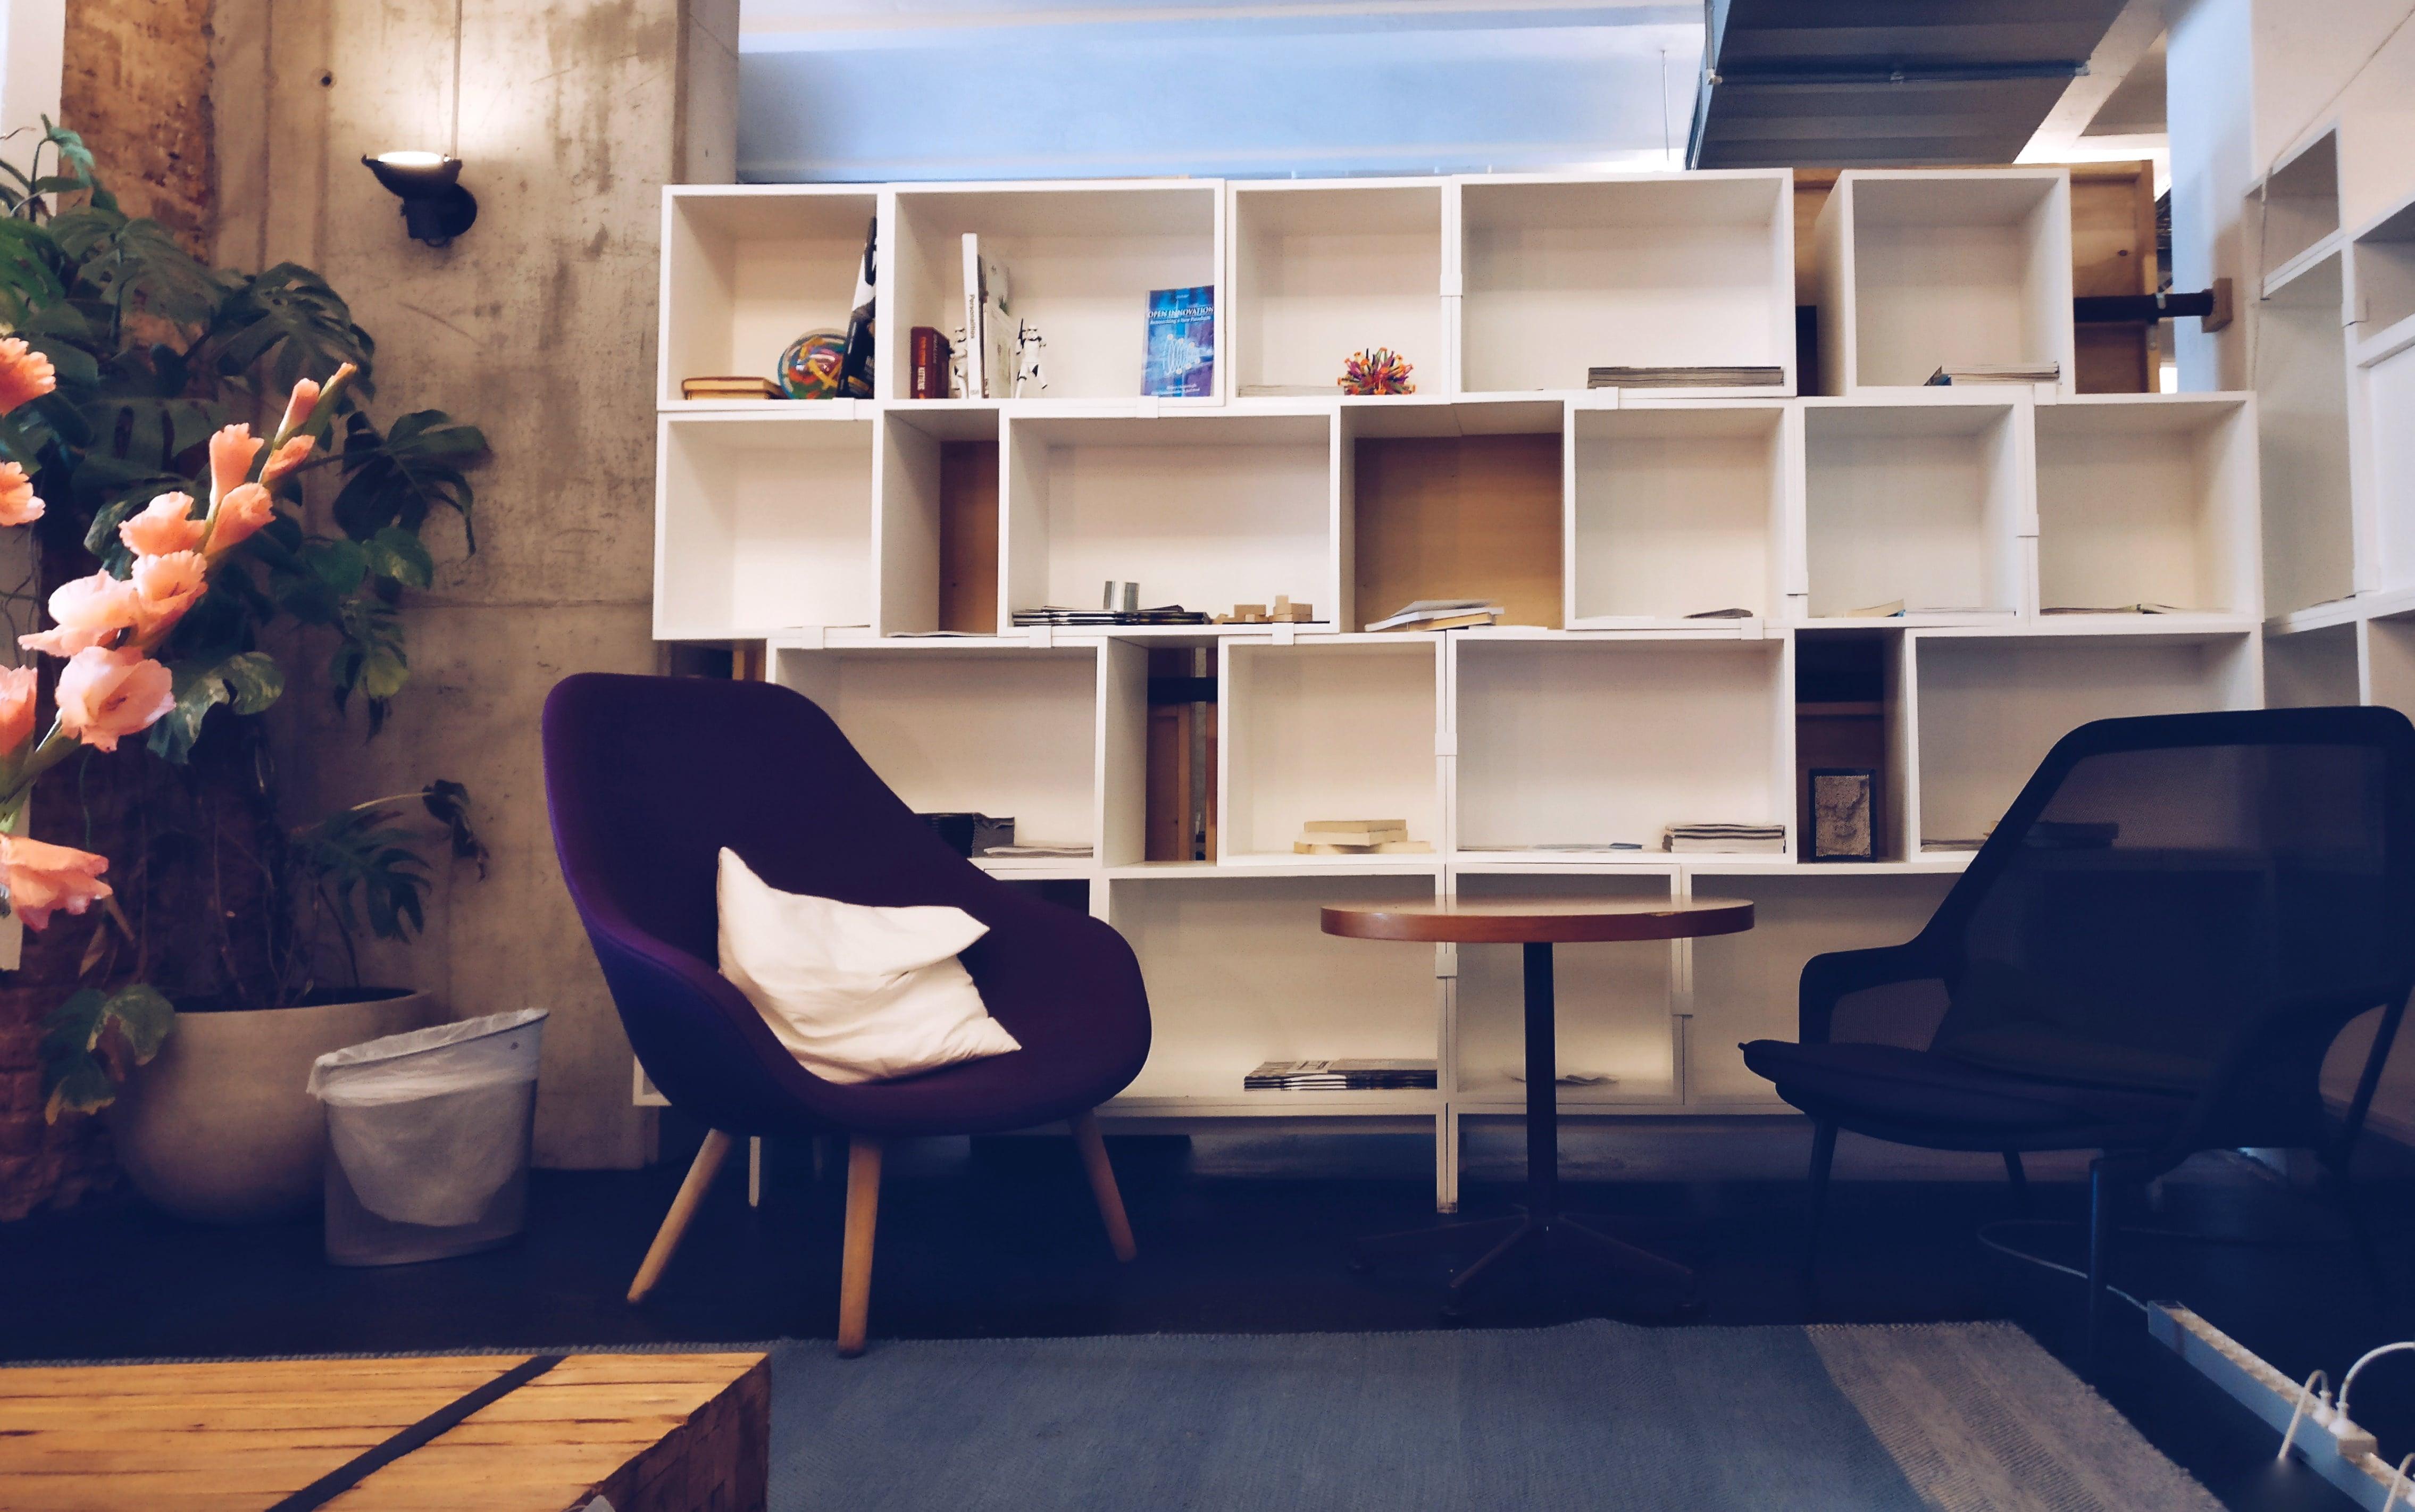 Librerie Componibili: idee originali per la casa moderna